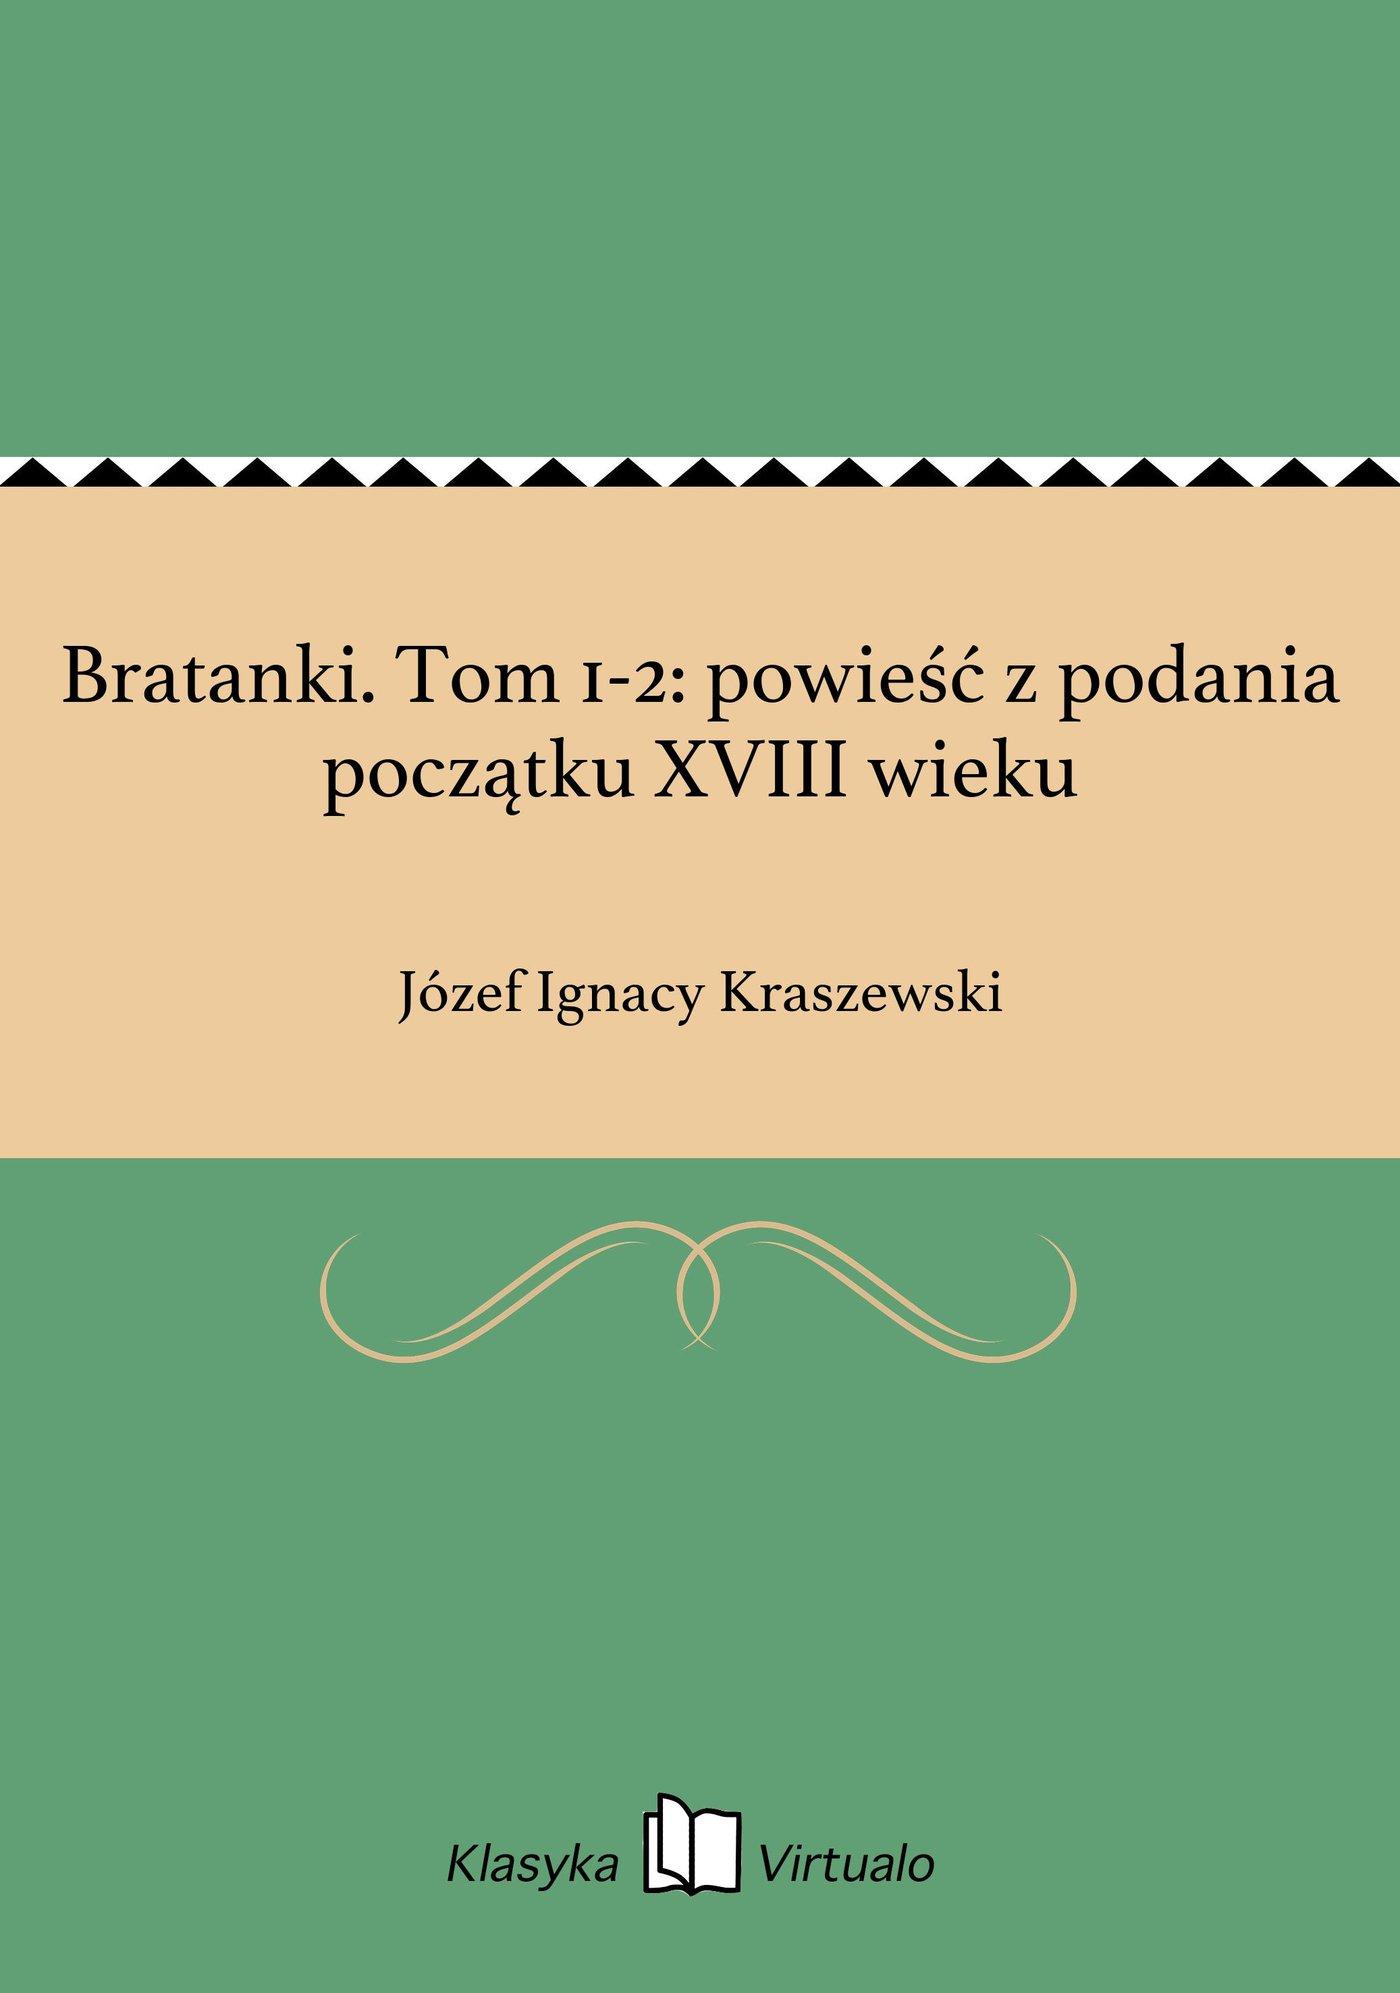 Bratanki. Tom 1-2: powieść z podania początku XVIII wieku - Ebook (Książka EPUB) do pobrania w formacie EPUB